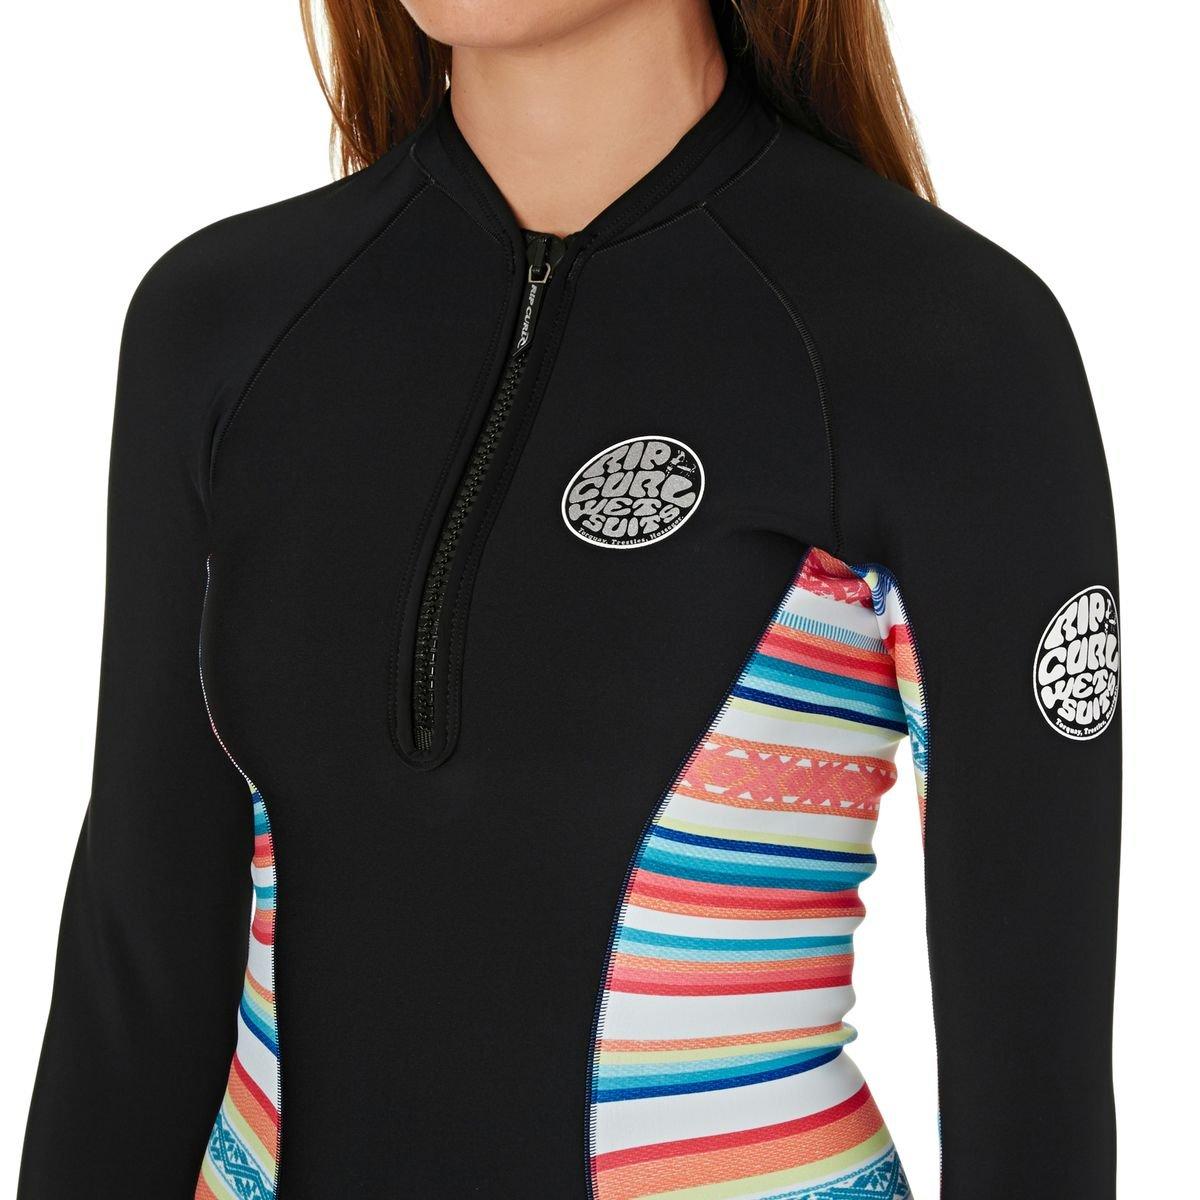 Amazon.com: rip curl chaquetas de traje de neopreno para ...